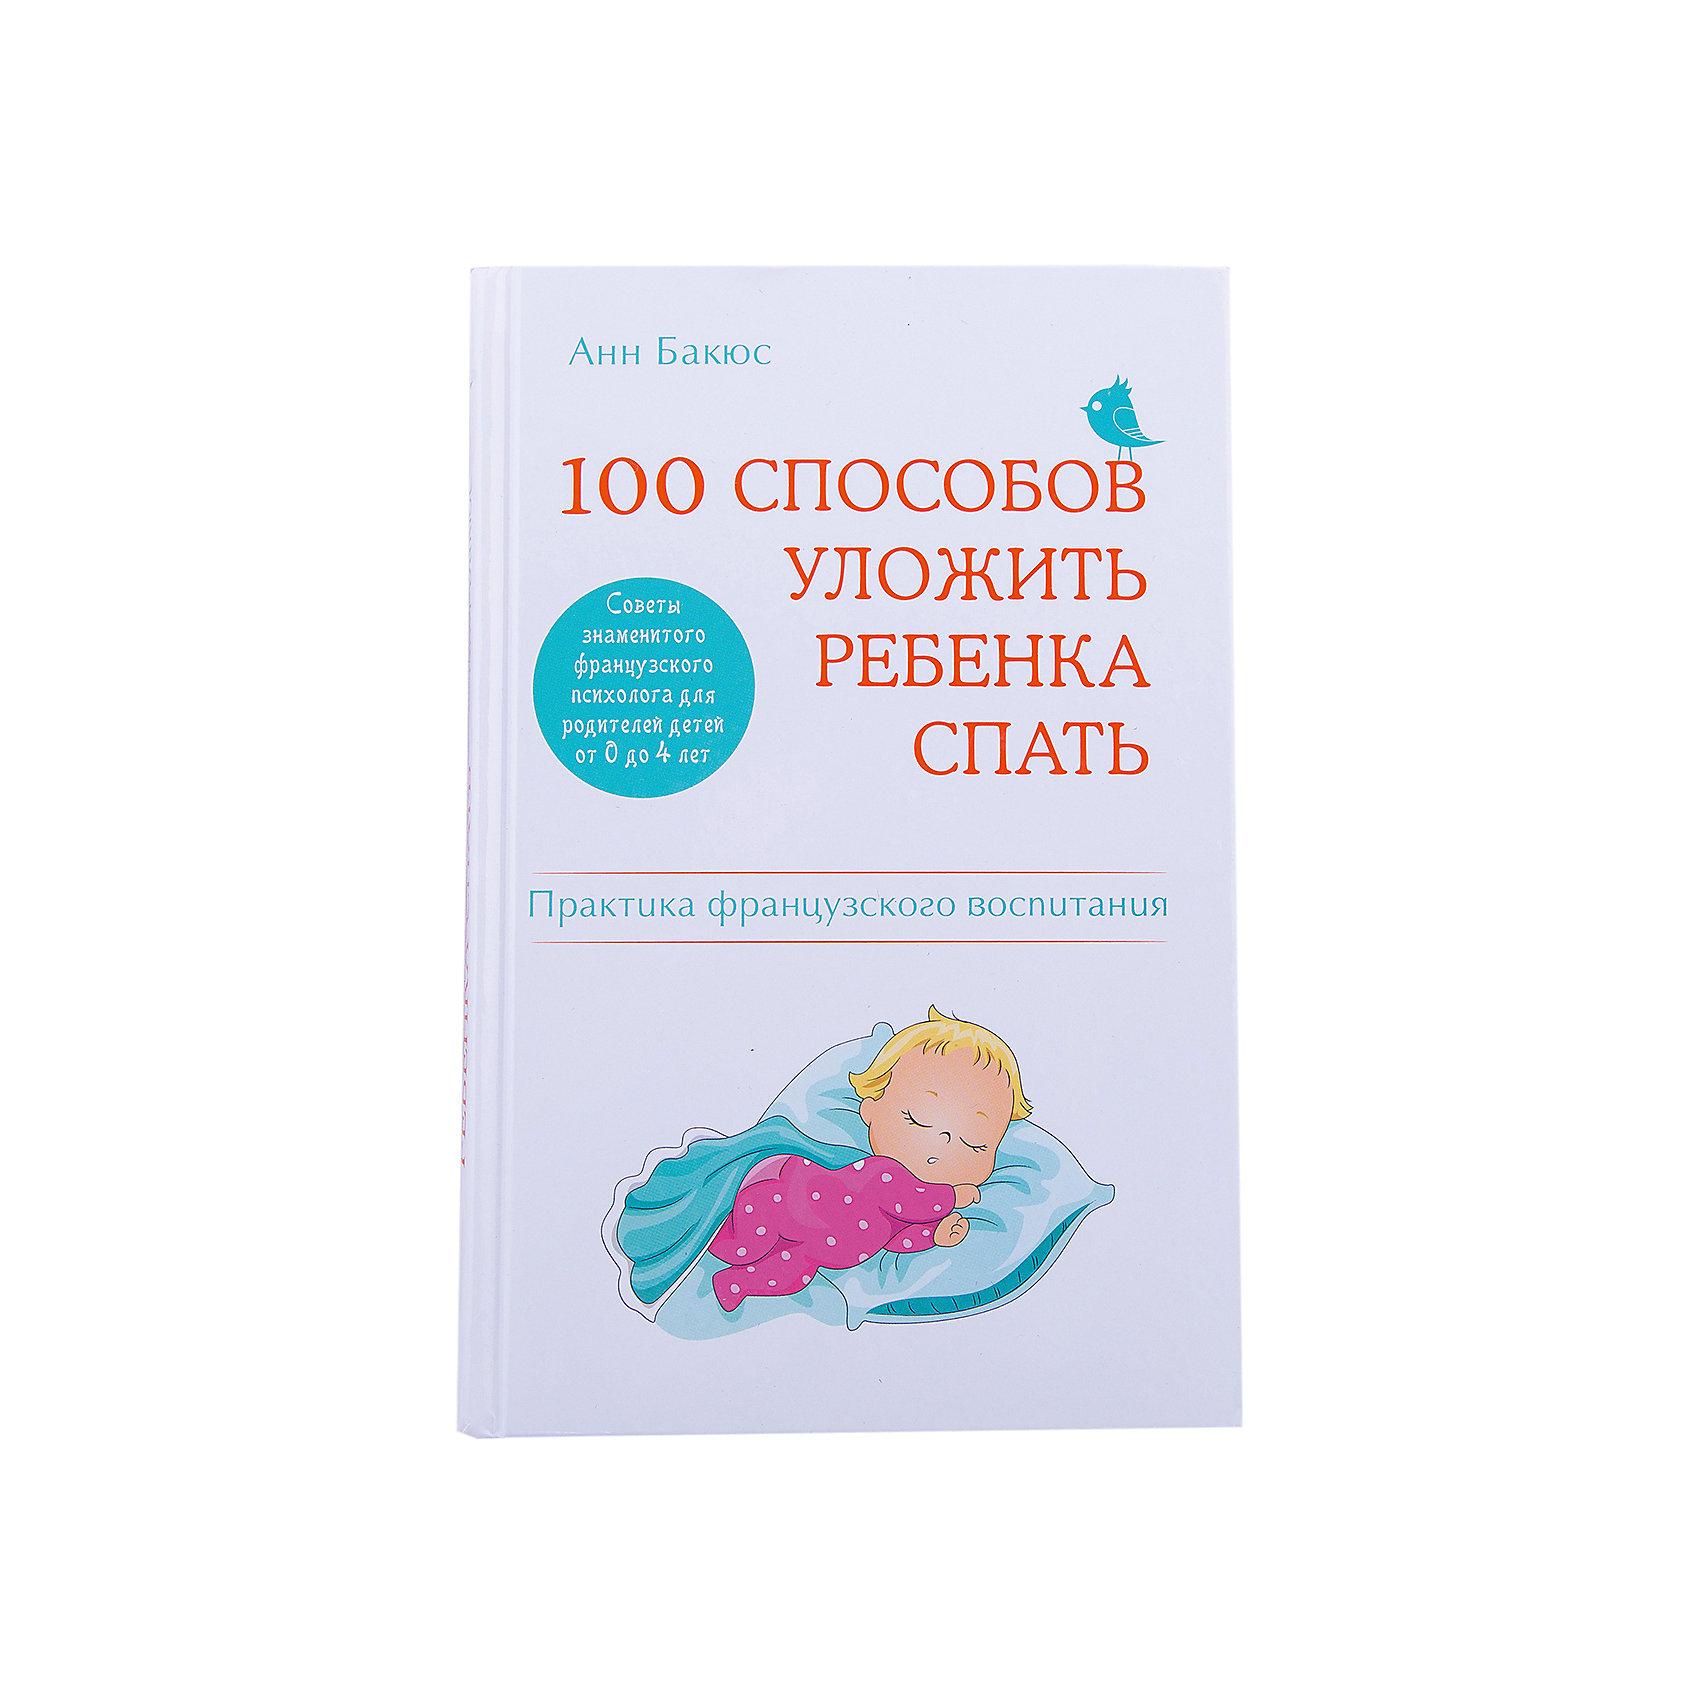 100 способов уложить ребенка спать. Эффективные советы французского психологаБлагодаря этой книге французские мамы и папы блестяще справляются с проблемой, которая волнует родителей во всем мире – как без труда уложить ребенка 0-4 лет спать. В книге содержатся 100 простых и действенных советов, как раз и навсегда  забыть о вечерних капризах, нежелании засыпать,  неспокойном сне,  детских кошмарах и многом другом.  Всемирно известный психолог, одна из основоположников французской системы воспитания, Анн Бакюс считает, что проблемы гораздо проще предотвратить, чем сражаться с ними потом. Достаточно лишь с младенчества прививать малышу нужные навыки и внимательно относиться к тому, как по мере роста меняется характер его сна.<br><br>Дополнительная информация:<br><br>- Автор: Бакюс Анн.<br>- Переводчик: Шкурко И. Г.<br>- Формат: 22х14,5 см.<br>- Переплет: твердый.<br>- Количество страниц: 384 <br>- Иллюстрации: без иллюстраций.<br><br>Книгу 100 способов уложить ребенка спать. Эффективные советы французского психолога можно купить в нашем магазине.<br><br>Ширина мм: 212<br>Глубина мм: 138<br>Высота мм: 24<br>Вес г: 572<br>Возраст от месяцев: 192<br>Возраст до месяцев: 1188<br>Пол: Унисекс<br>Возраст: Детский<br>SKU: 4414964